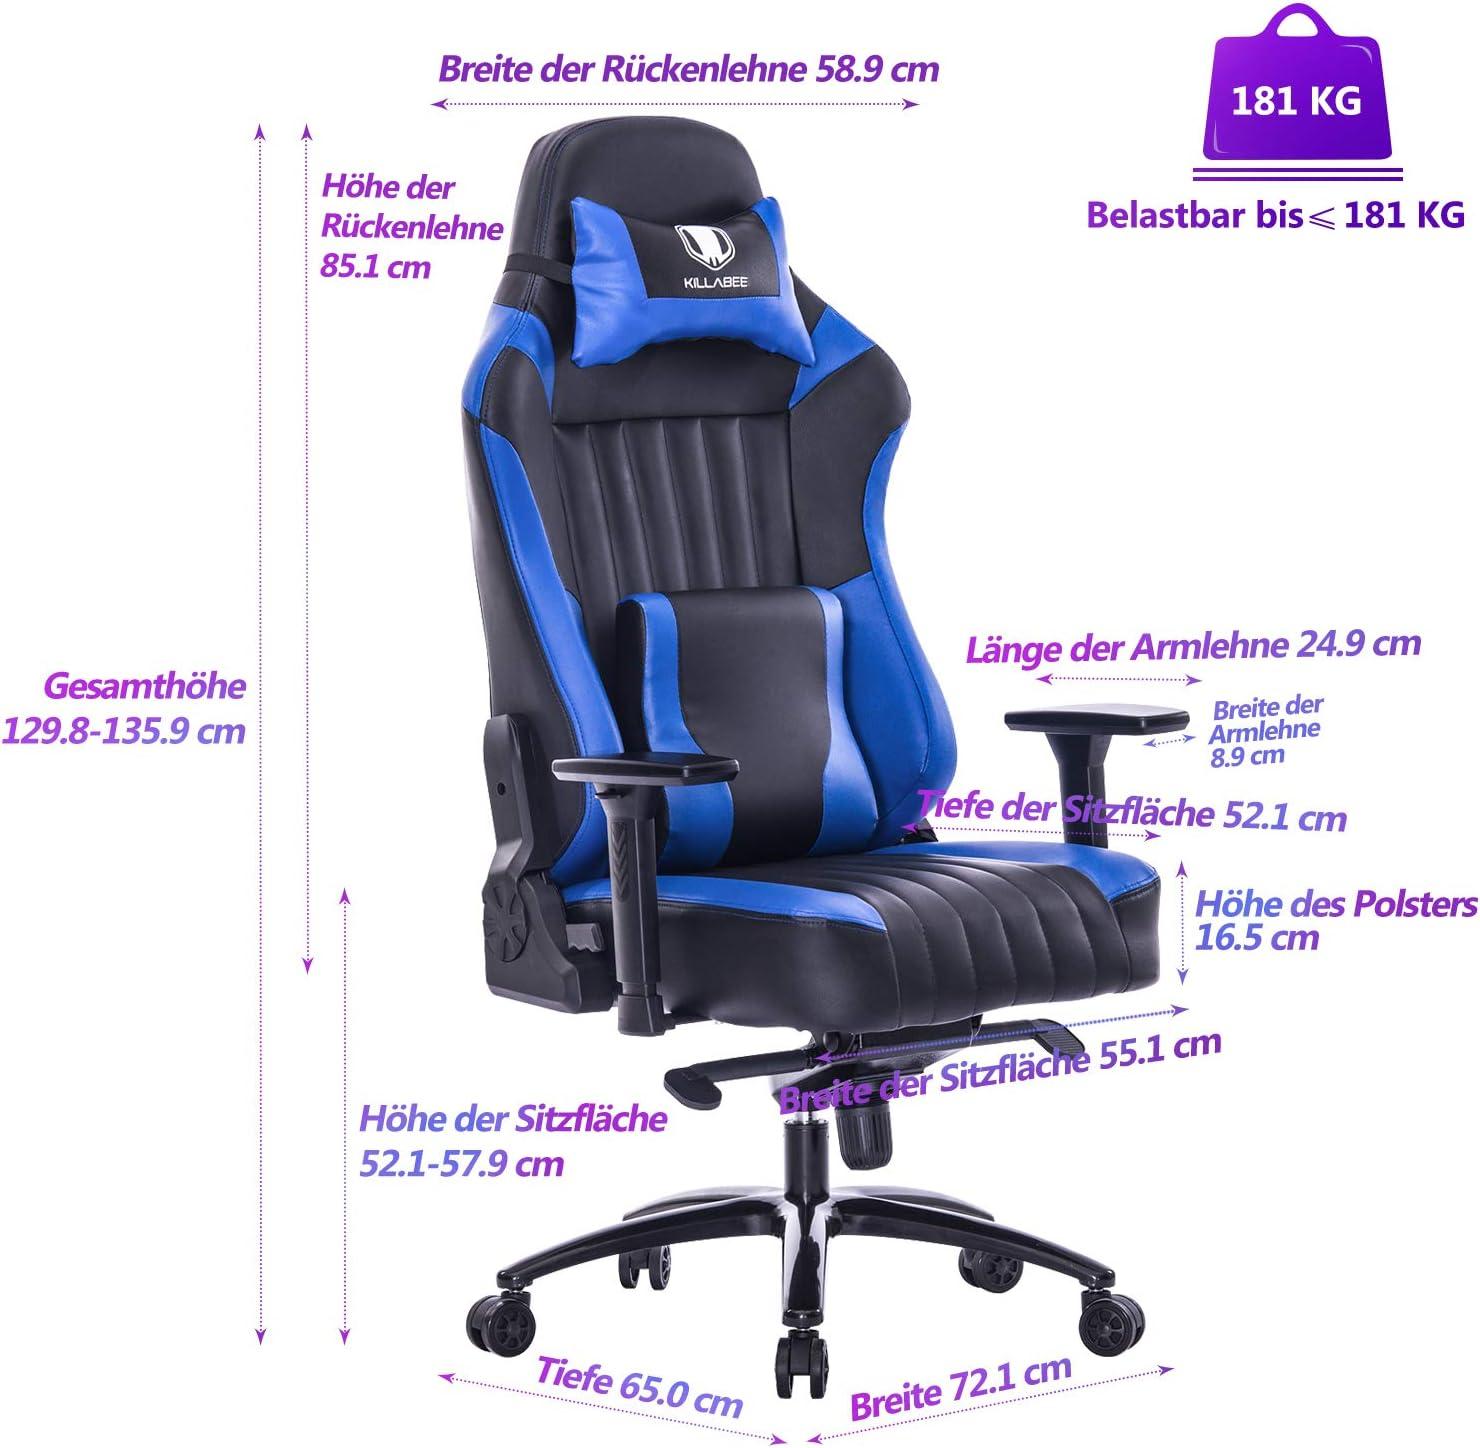 KILLABEE gro/ßer Memory Foam Gaming Stuhl Verstellbarer Neigungswinkel R/ückenwinkel und 3D-Arme Ergonomische hohe R/ückenlehne aus Leder Exklusiver Computer-Schreibtisch B/ürostuhl mit Metallsockel